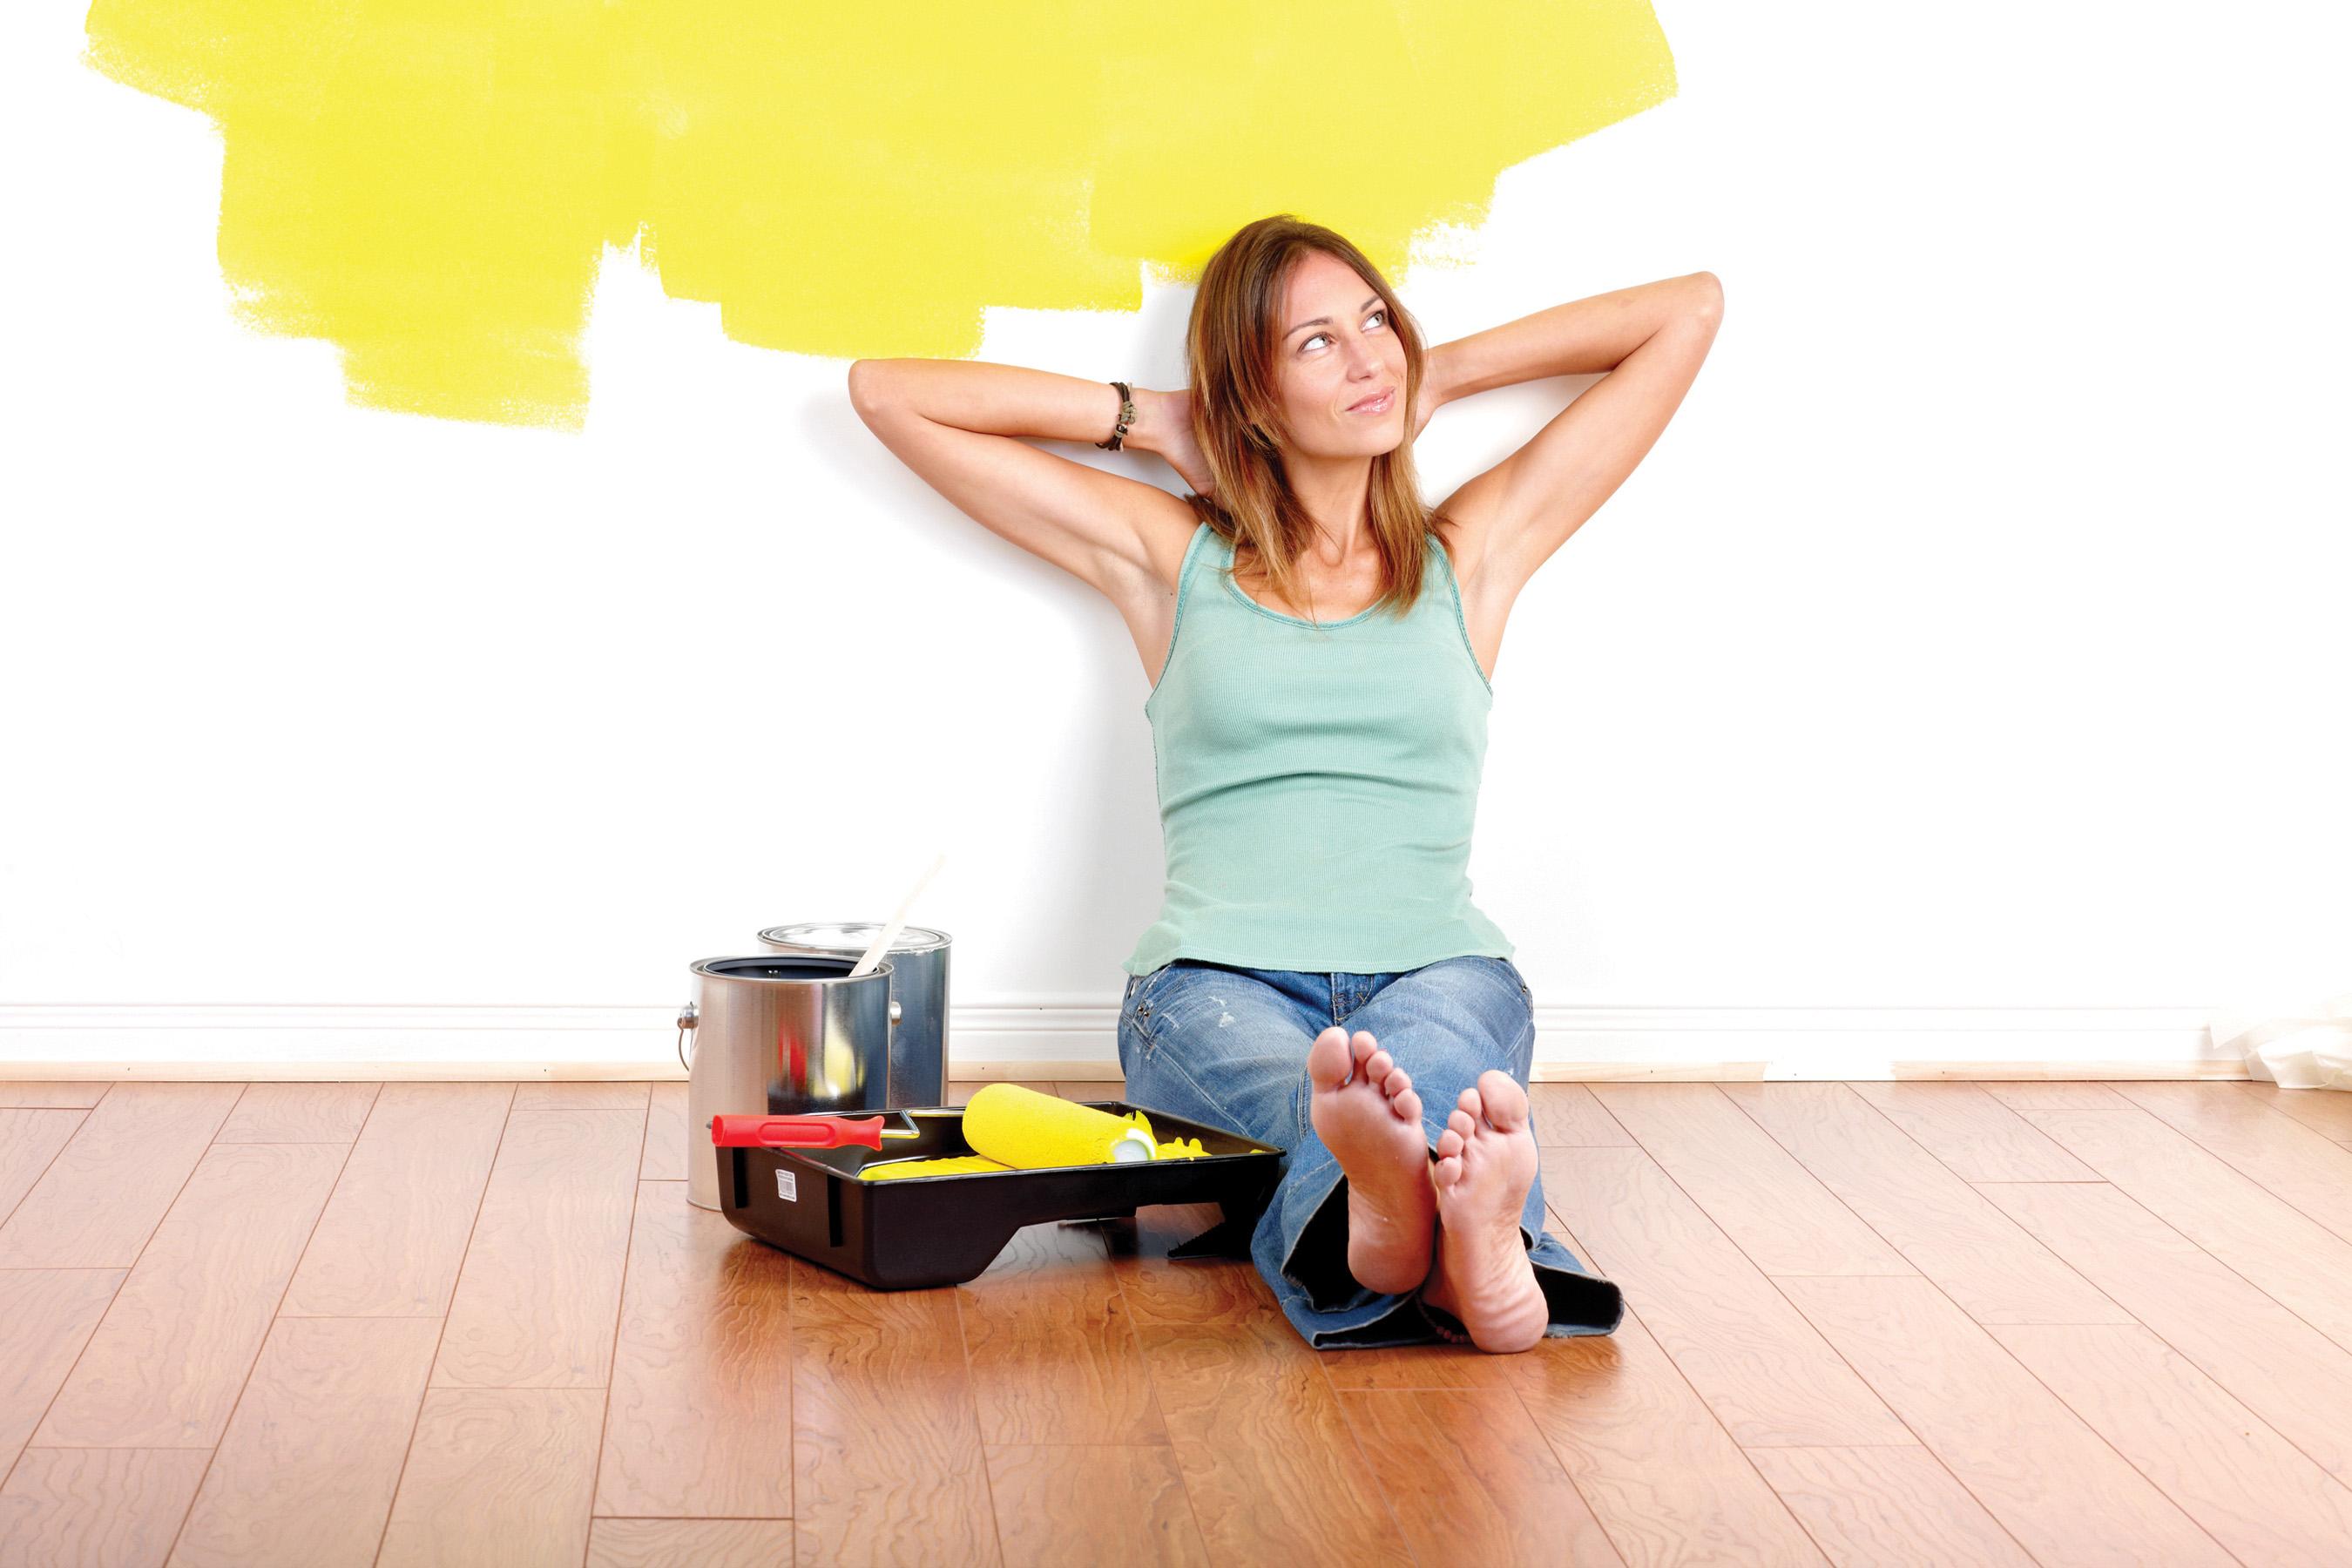 Les cours de bricolage pour femme les bons plans femme digitale - Cours de bricolage pour femmes ...